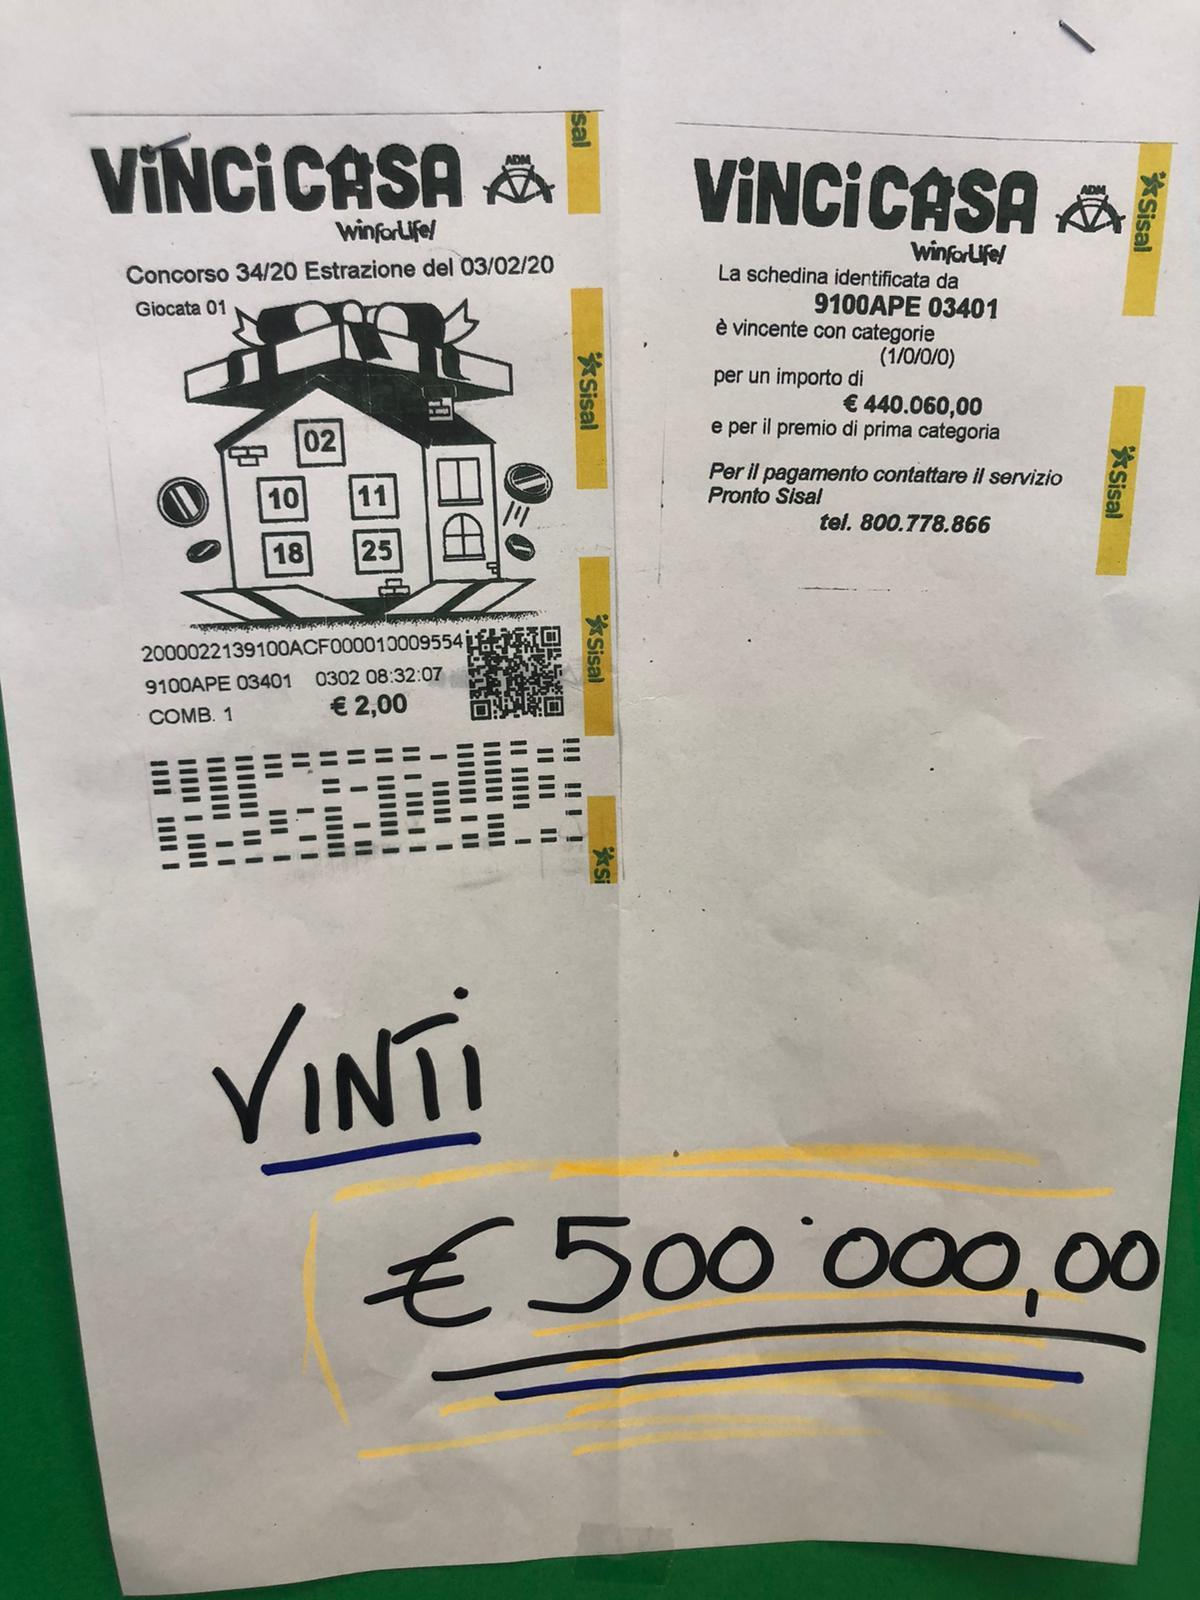 """La fortuna torna a baciare la città di Avezzano, vinti 500 mila euro al """"Vinci Casa"""""""